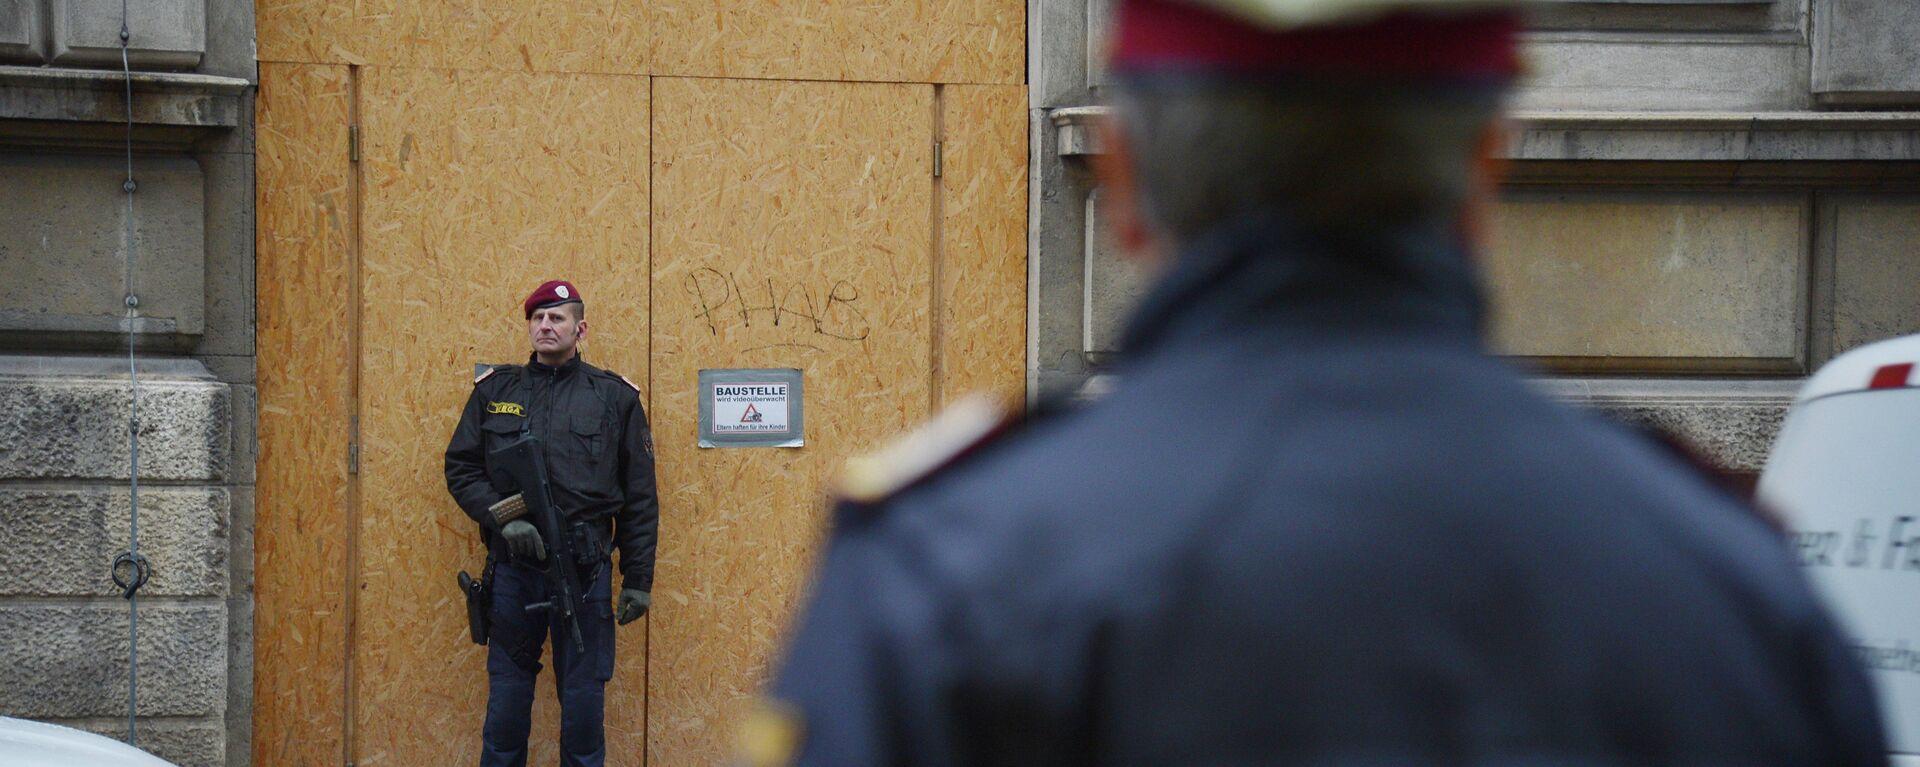 Αστυνομικοί στη Βιέννη - Sputnik Ελλάδα, 1920, 01.10.2021